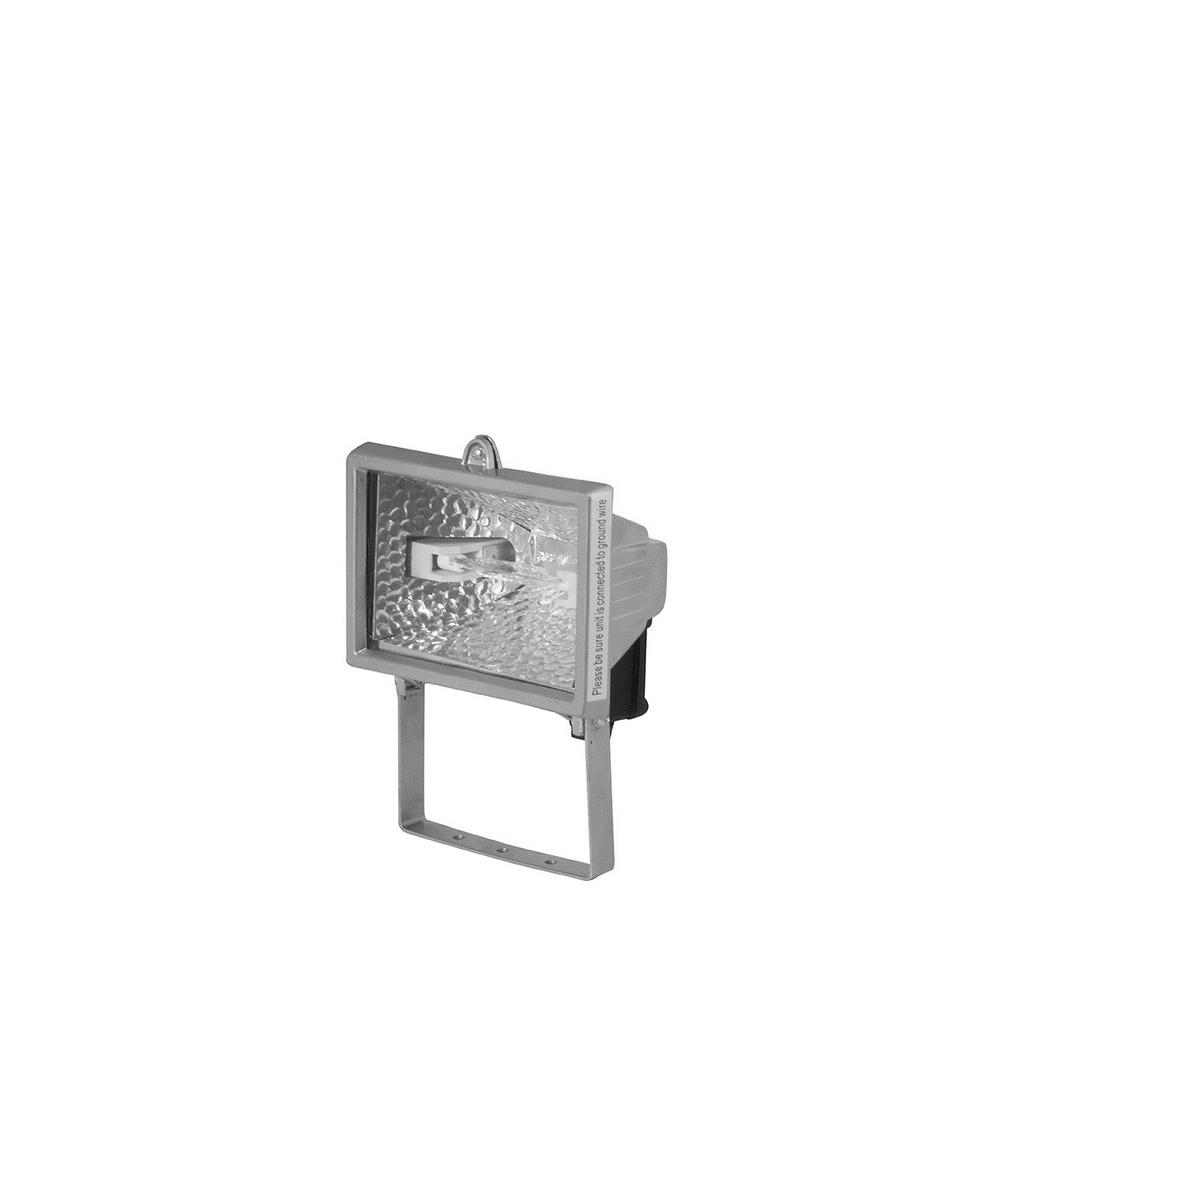 VANA venkovní reflektorové svítidlo 150W, stříbrná, Panlux